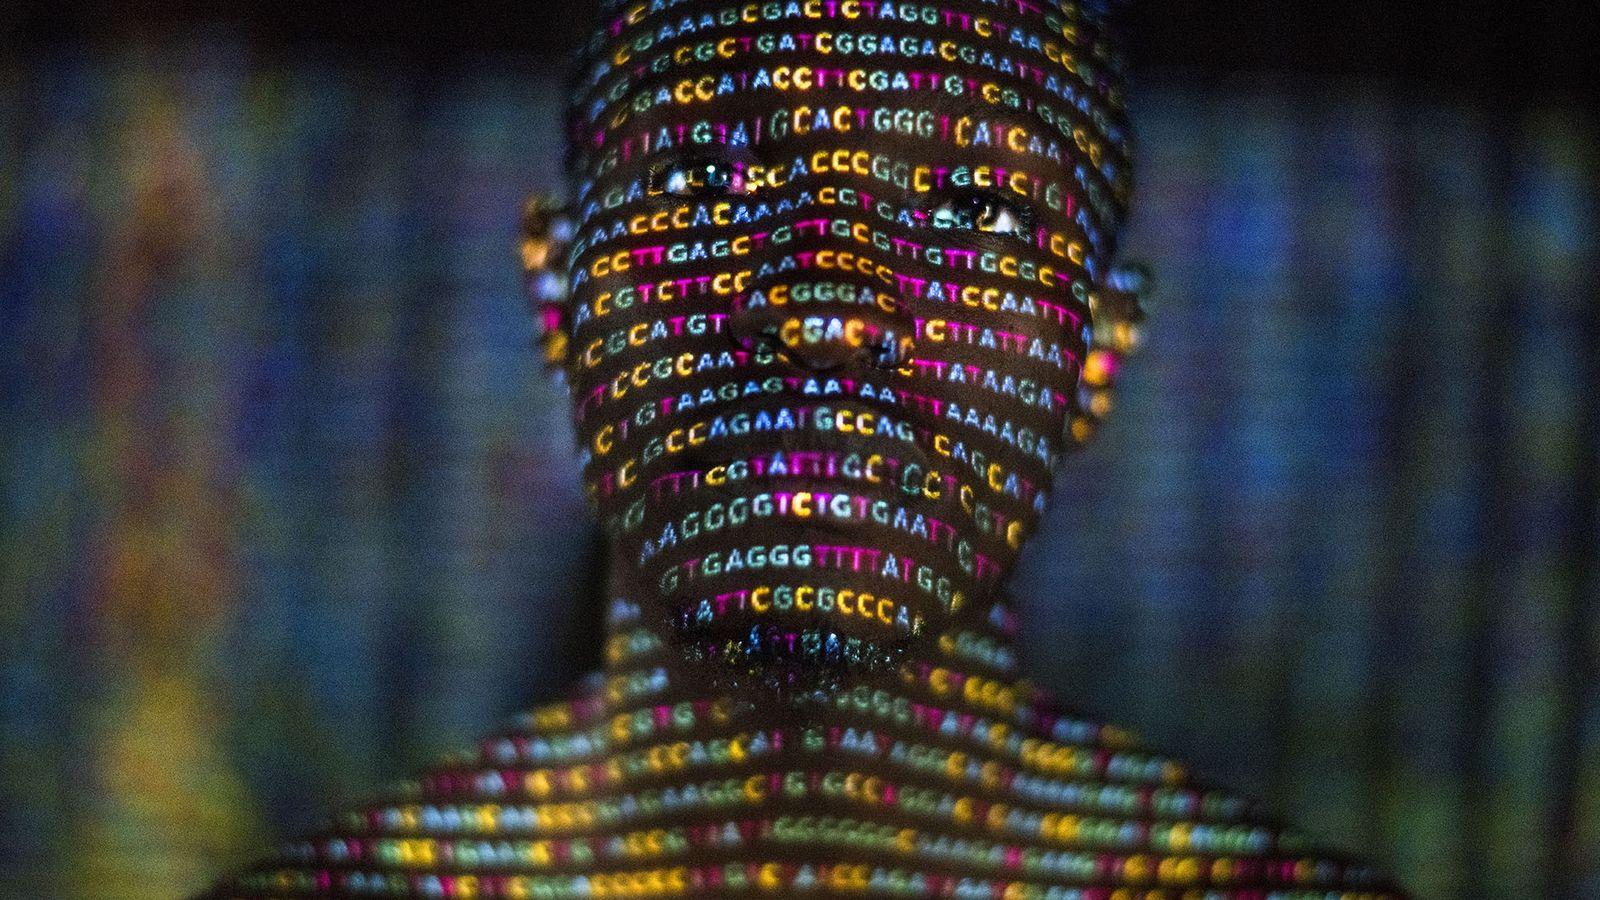 As quatro letras do código genético - A, C, G e T - são projetadas em ...